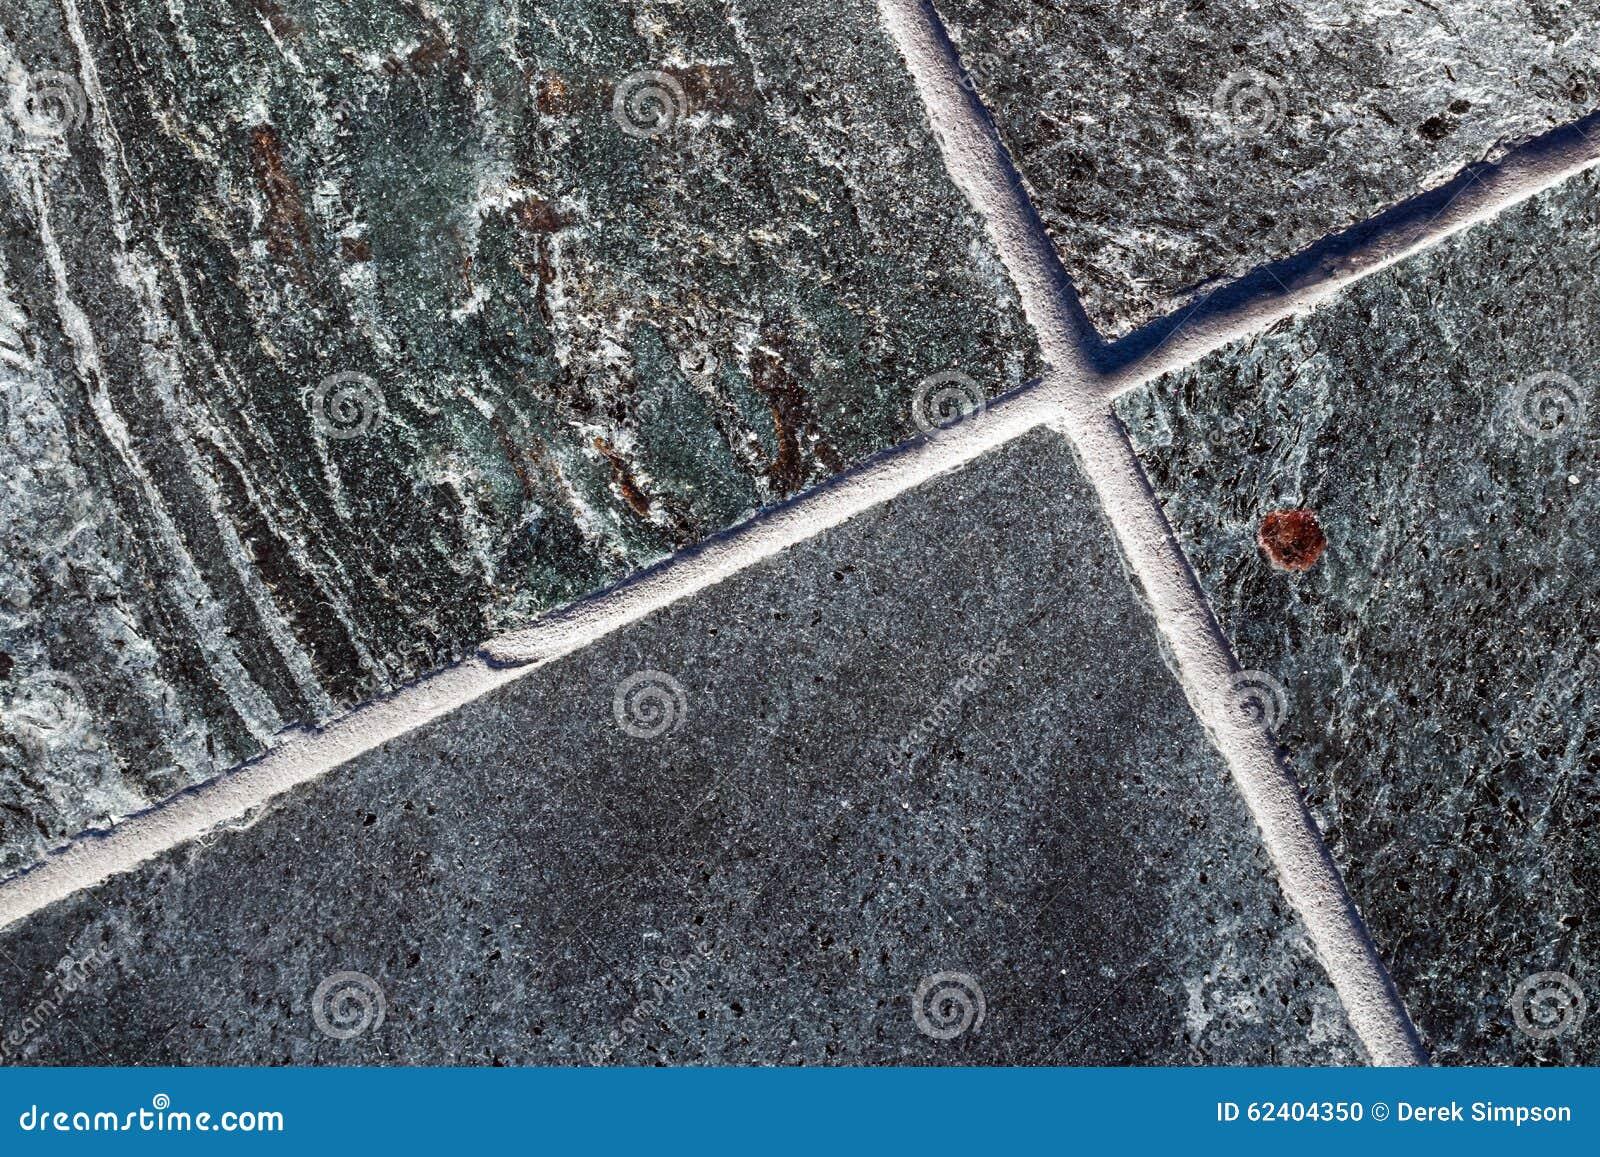 Quartzite tile flooring image collections tile flooring design ideas polished quartzite tile flooring stock photo image 62404350 flooring minerals polished present quartzite showing tile doublecrazyfo dailygadgetfo Choice Image